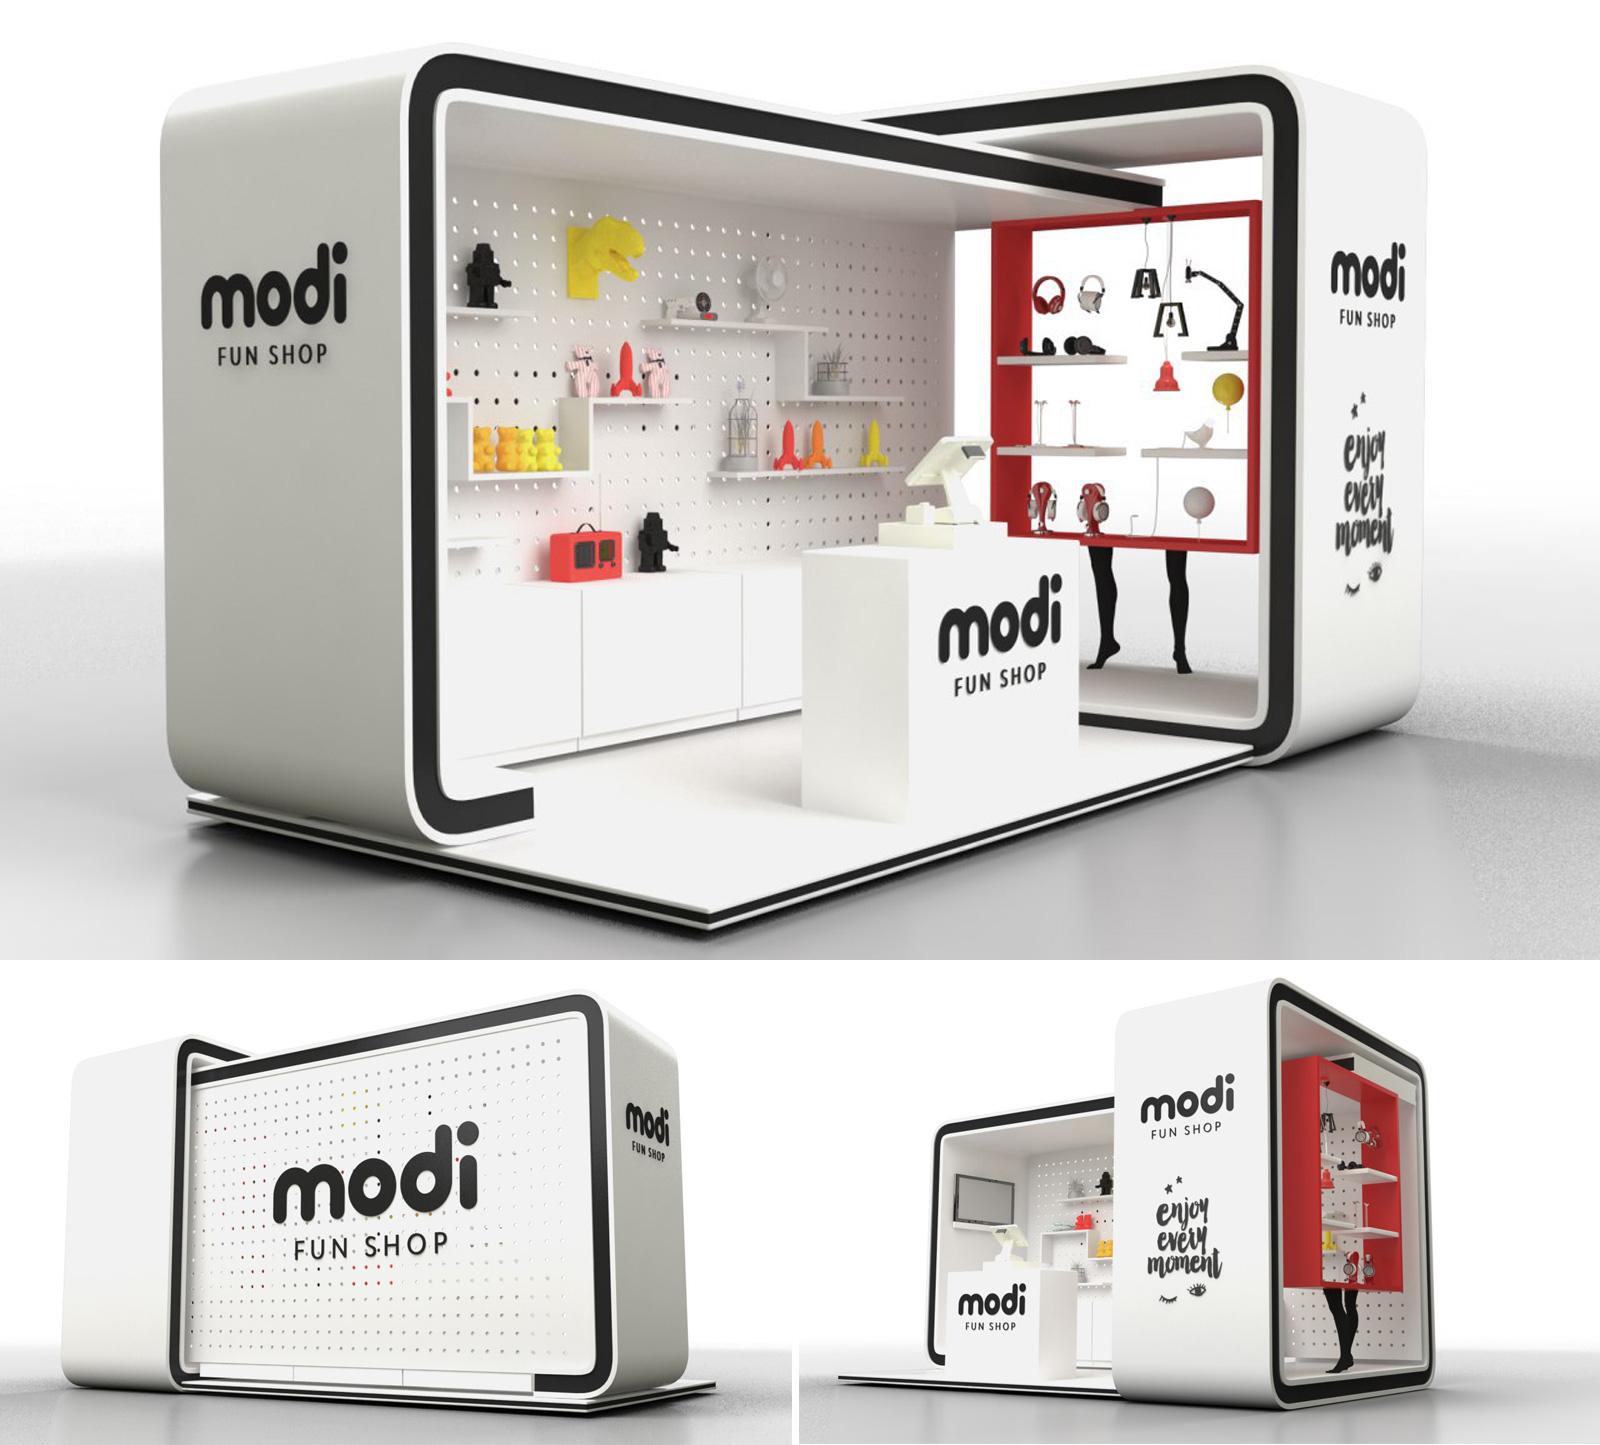 Дизайн нового формата pop-up store рассчитан на привлечение внимания, демонстрацию ключевых групп товаров и формирования узнаваемости бренда